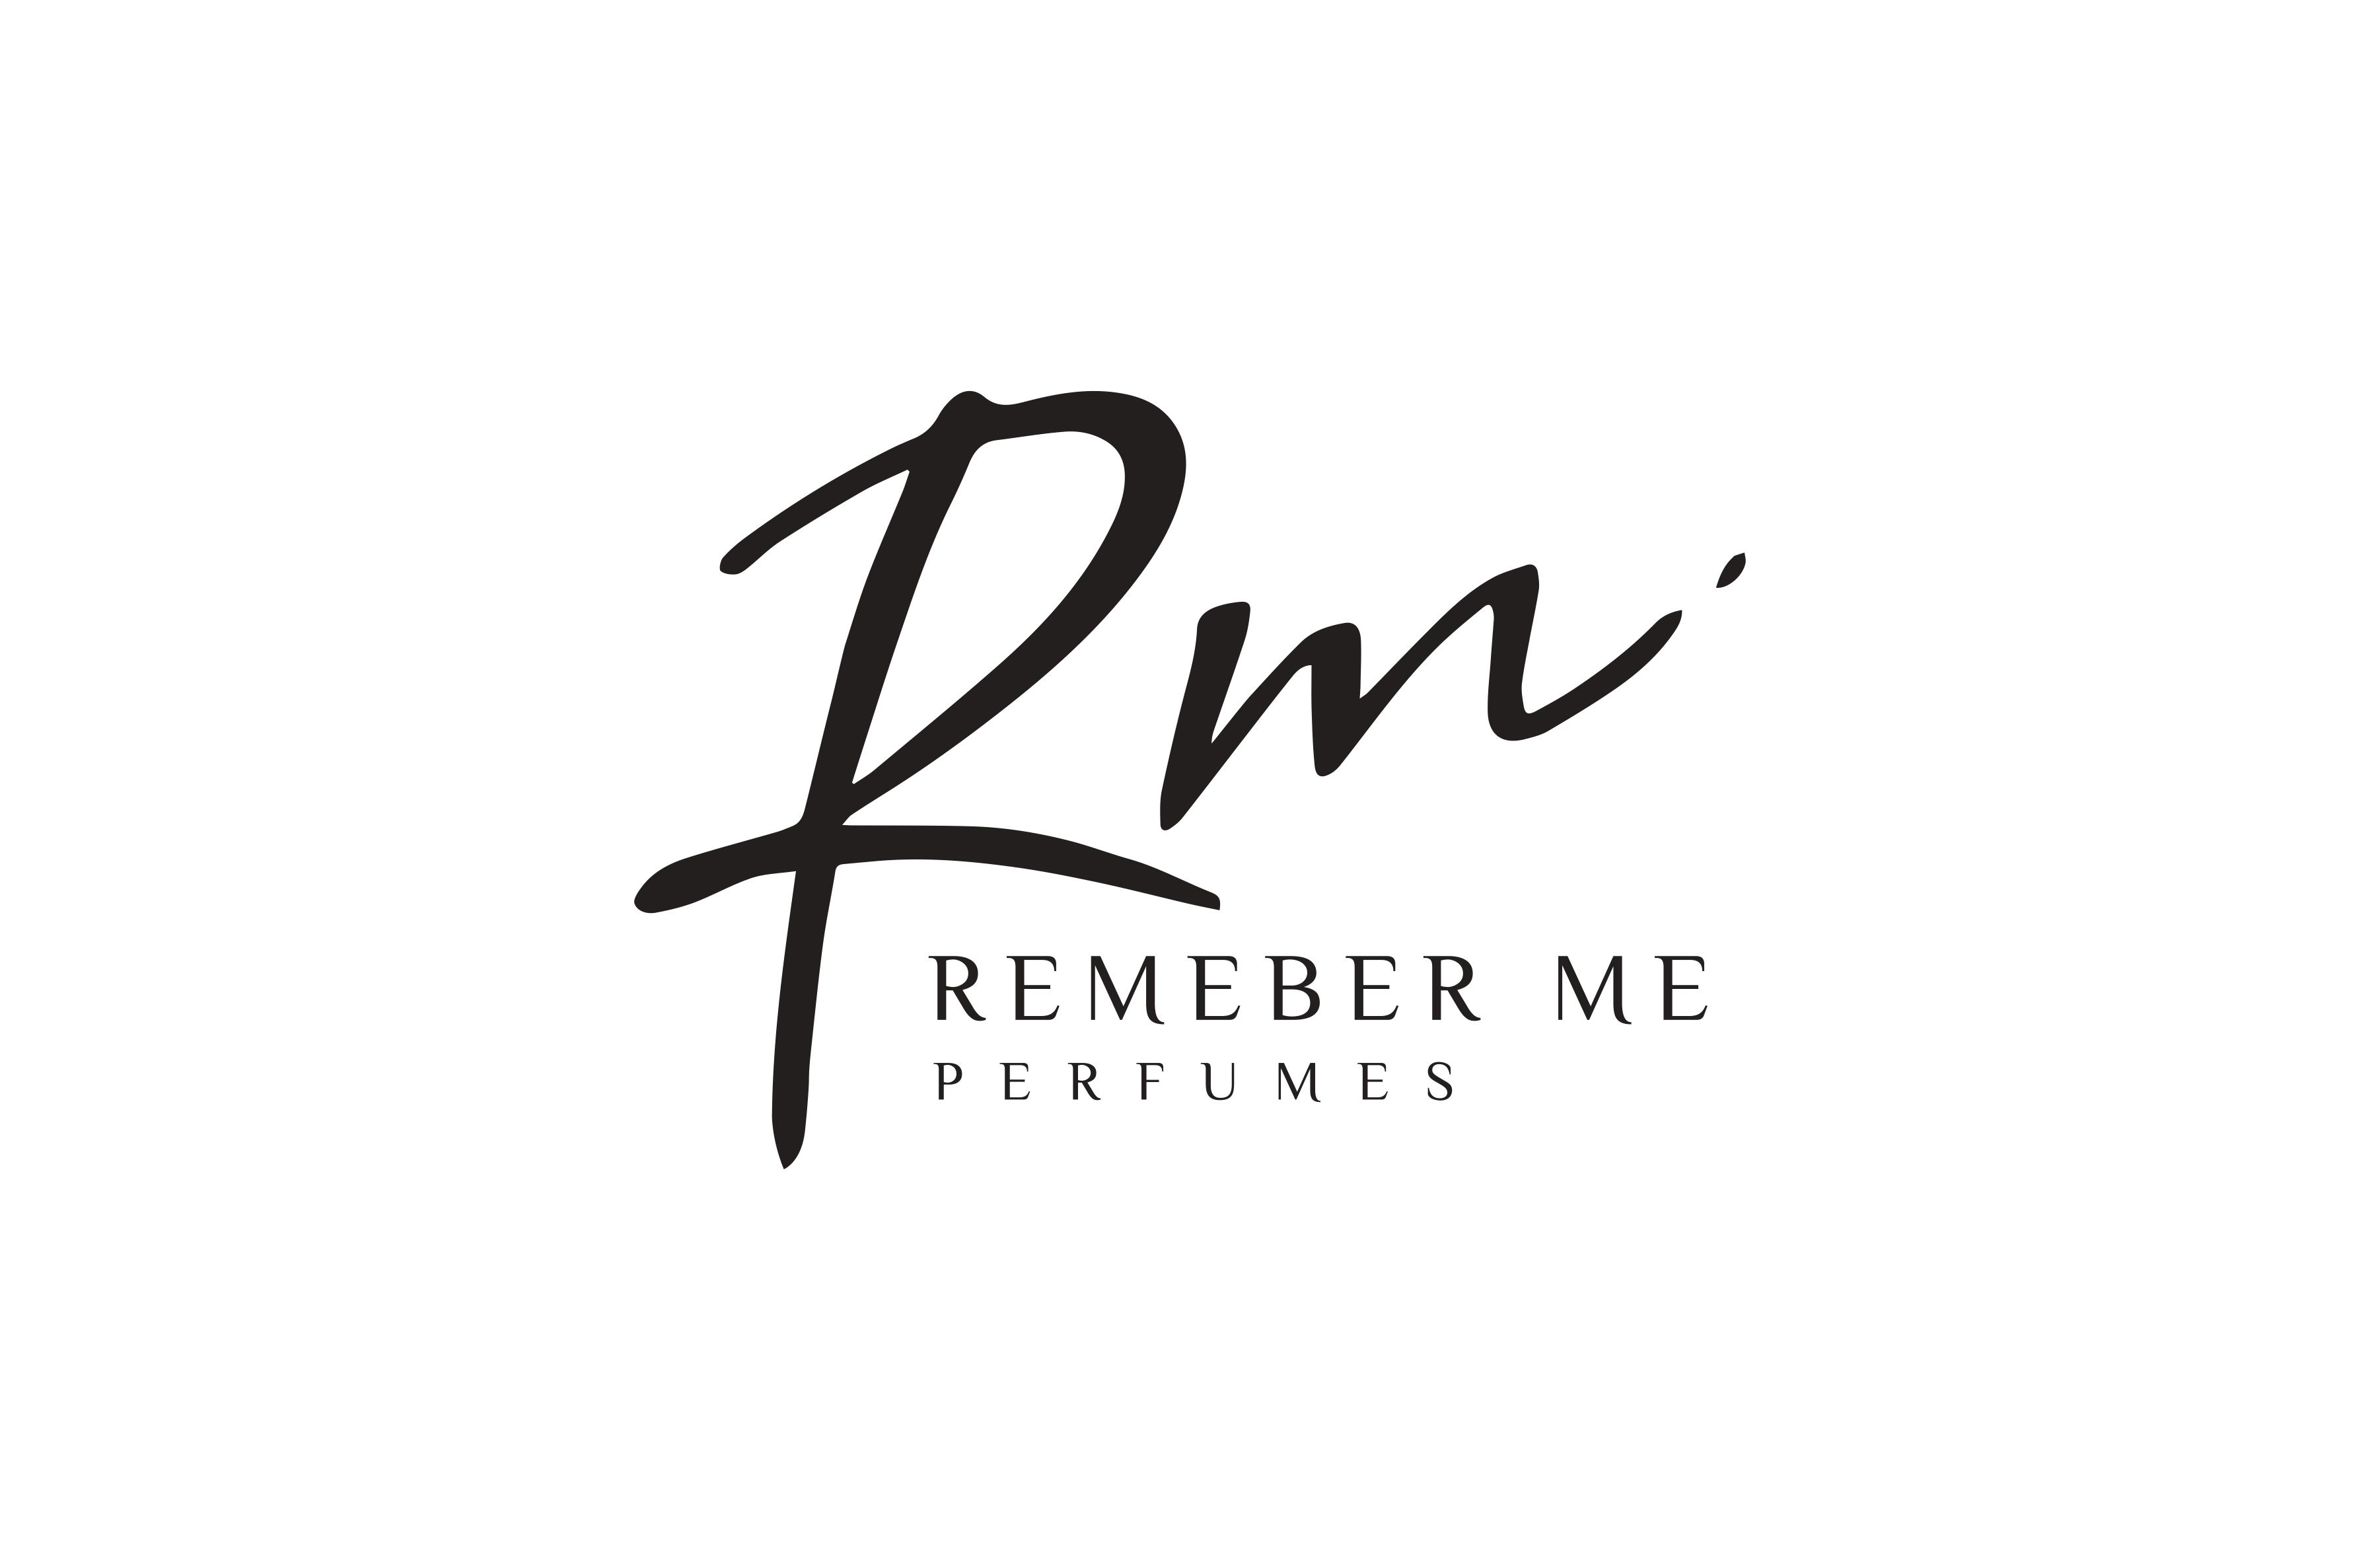 تذكرني